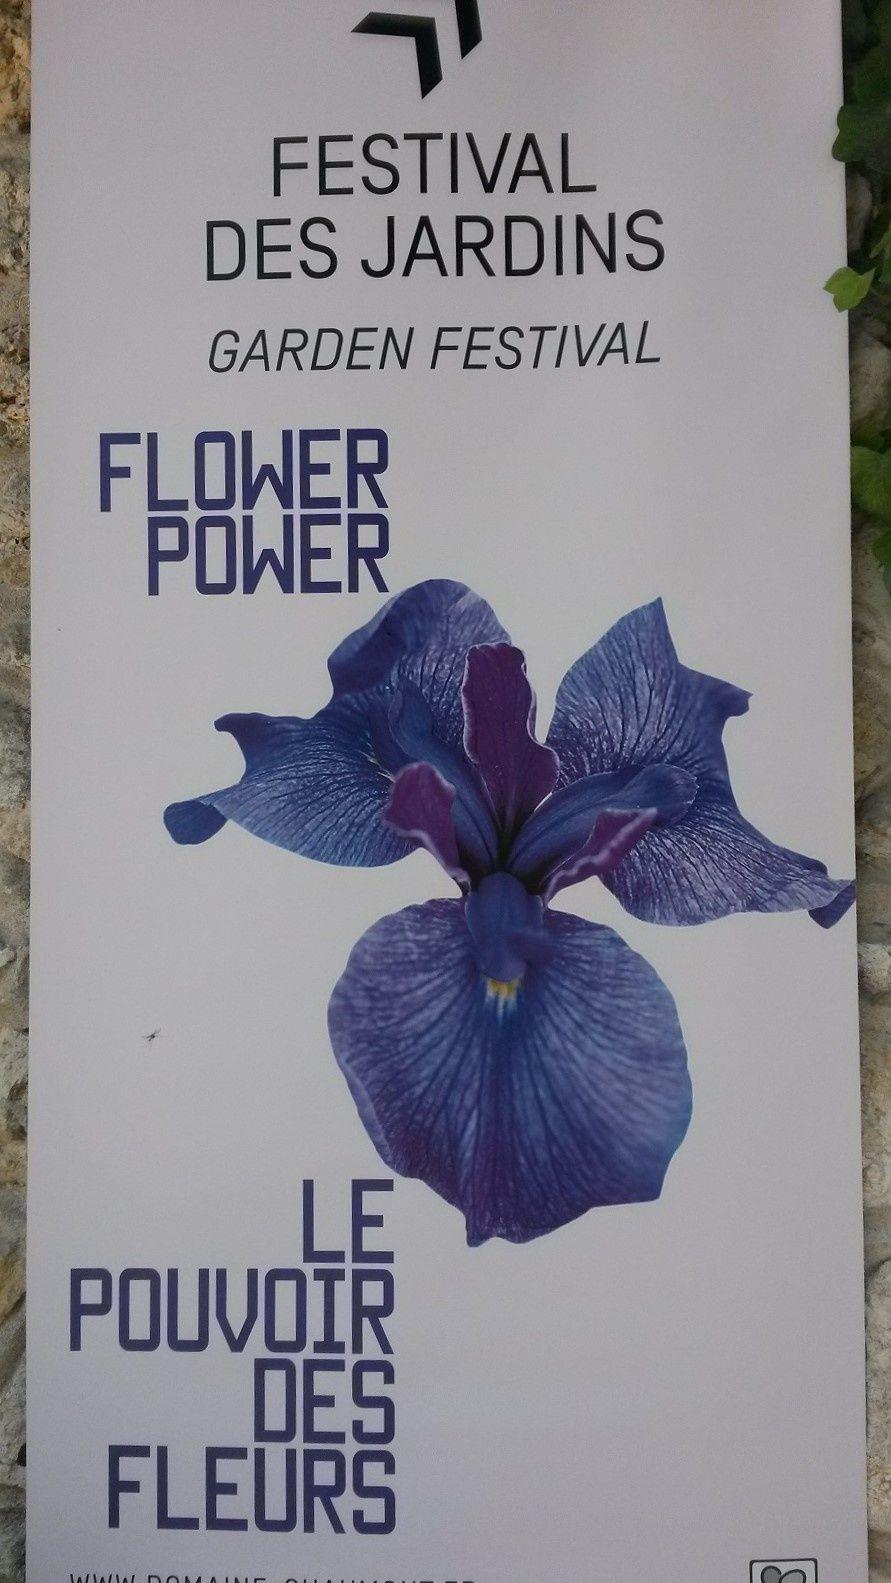 Les jardins d'une nouvelle République du Centre. Les fleurs prennent le pouvoir à Chaumont-sur-Loire. Verso una nuova Repubblica... il potere dei fiori